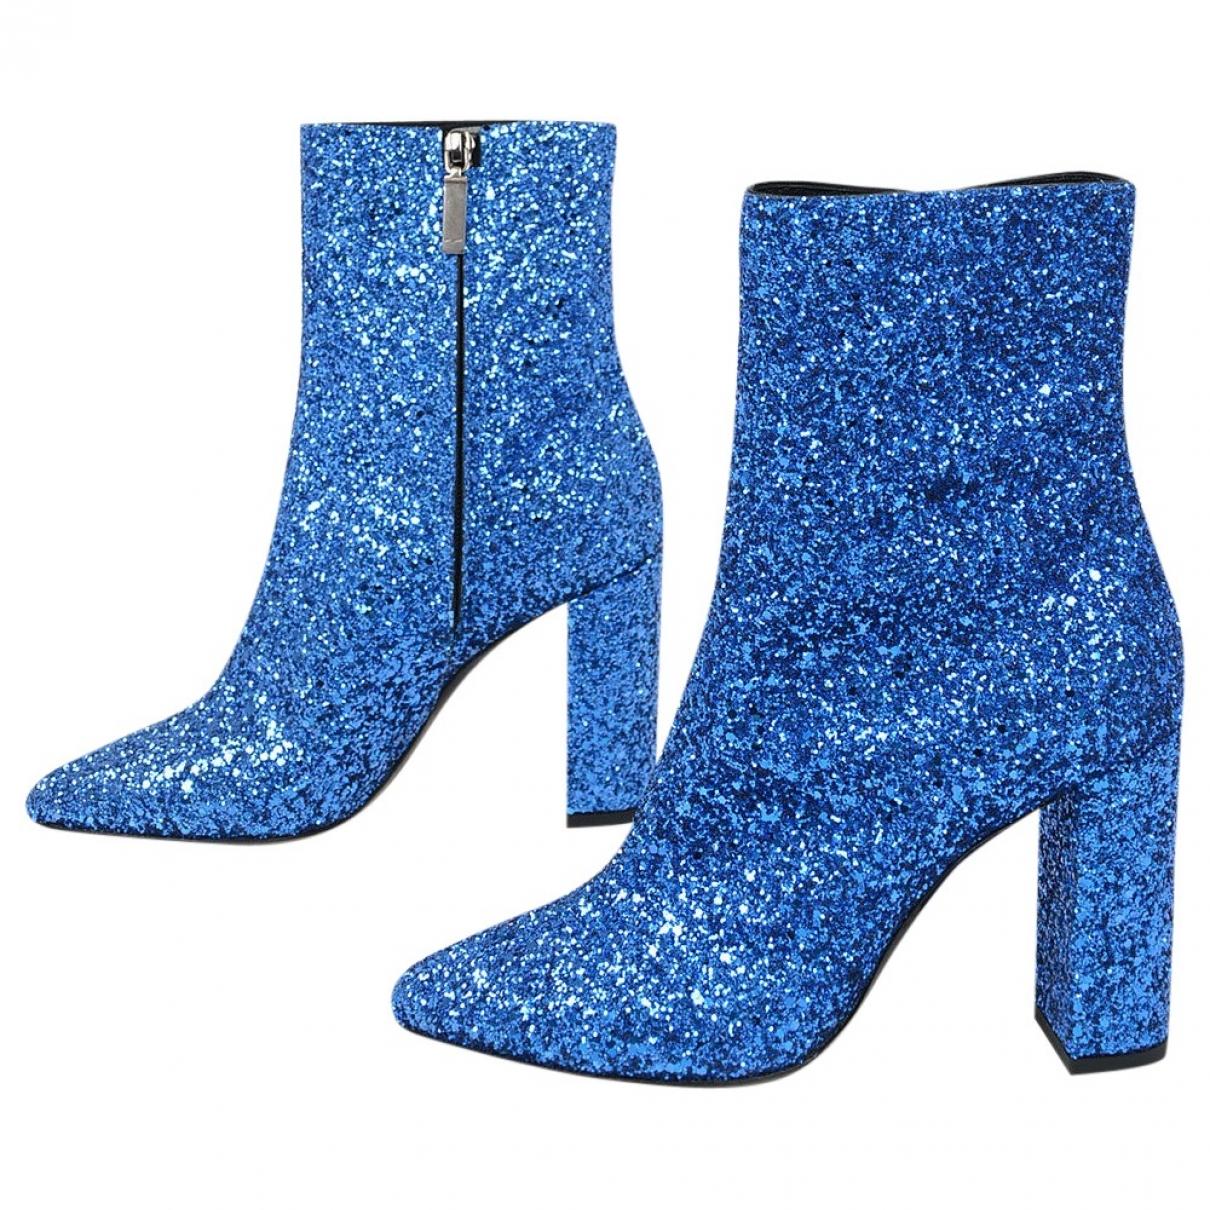 Yves Saint Laurent - Boots   pour femme en cuir - bleu